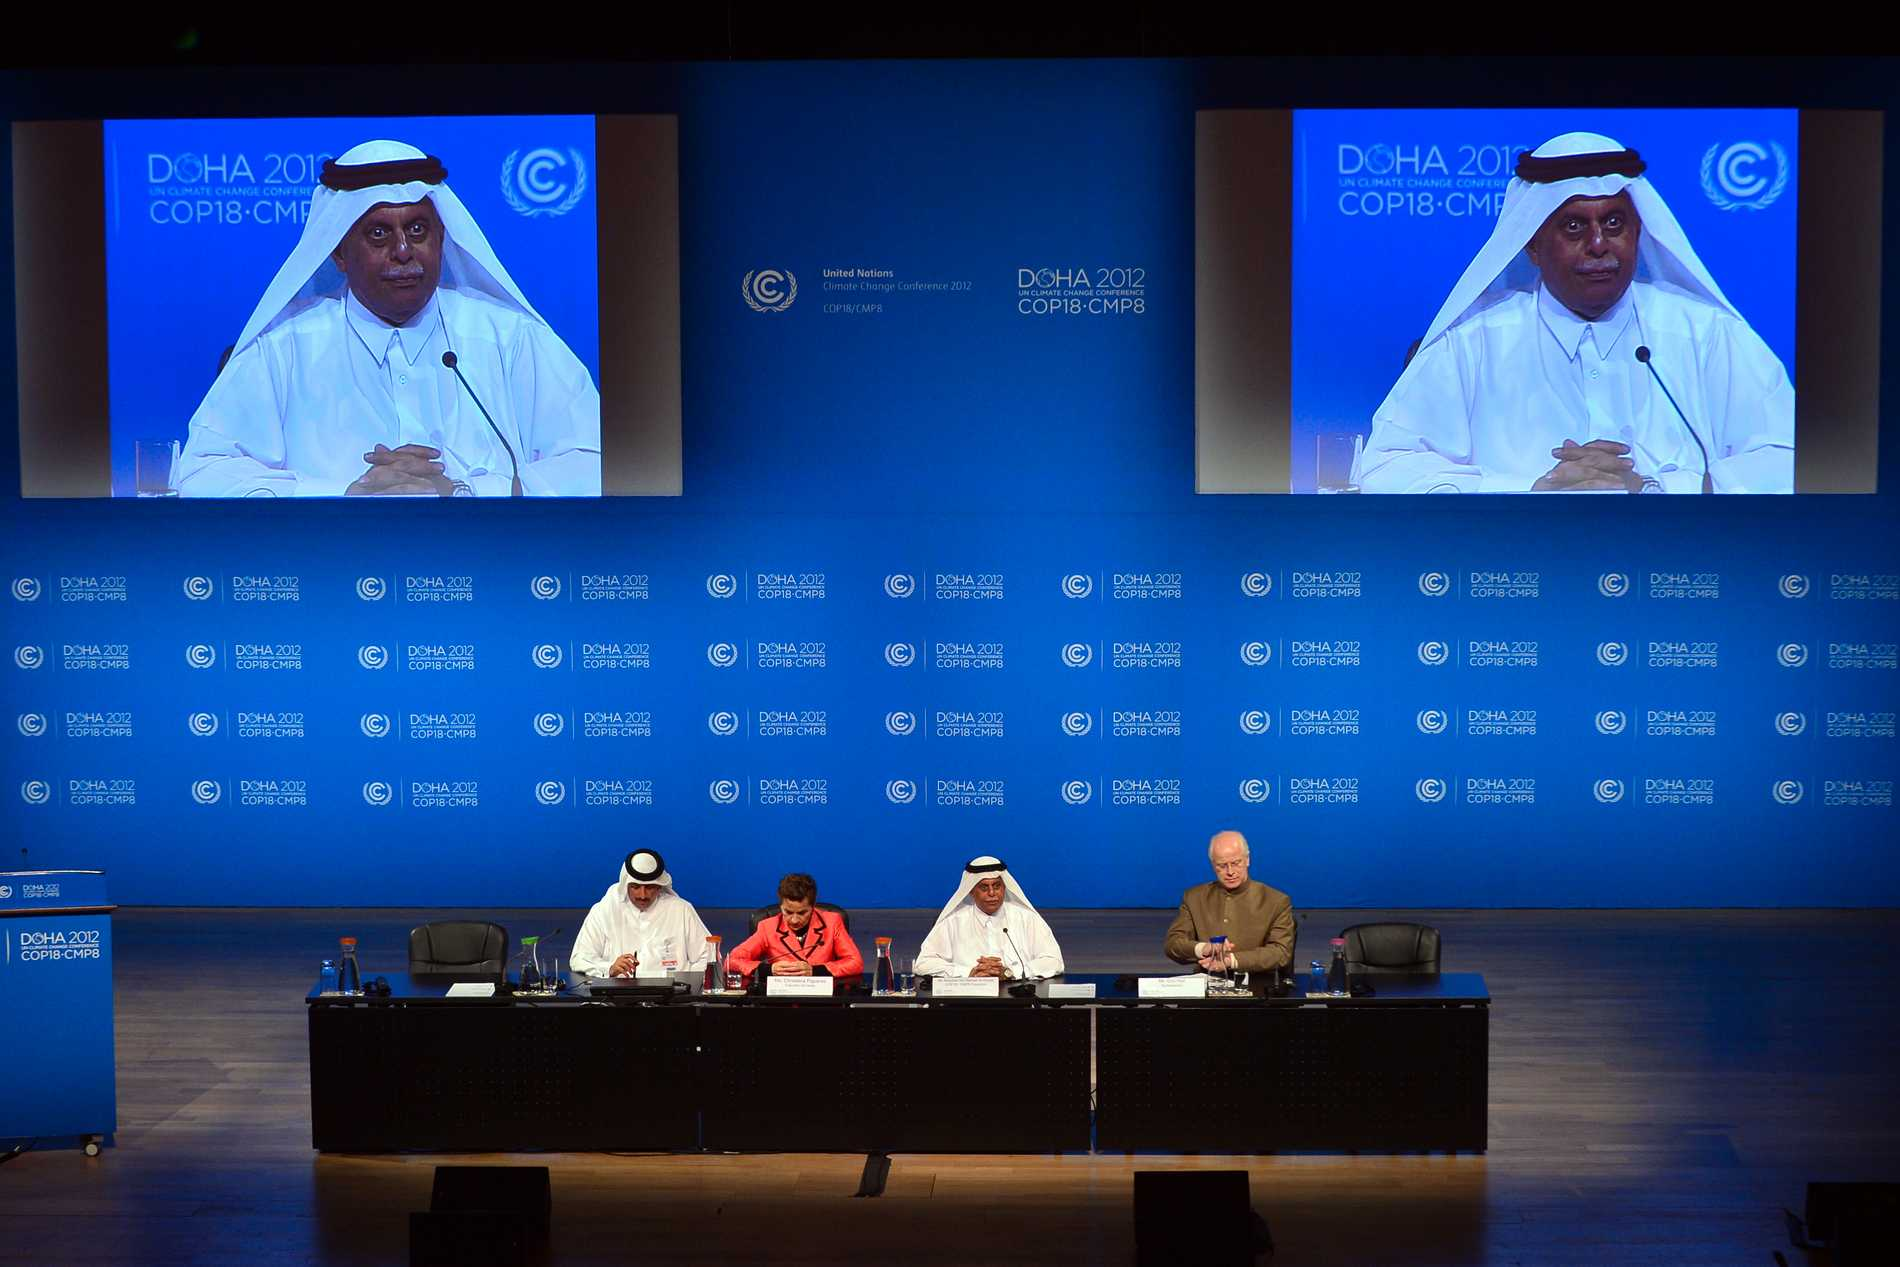 Christiana Figueres och Abdullah bin Hamad Al-Attiyah talar under en presskonferens för FN:s klimatmöte i Doha.